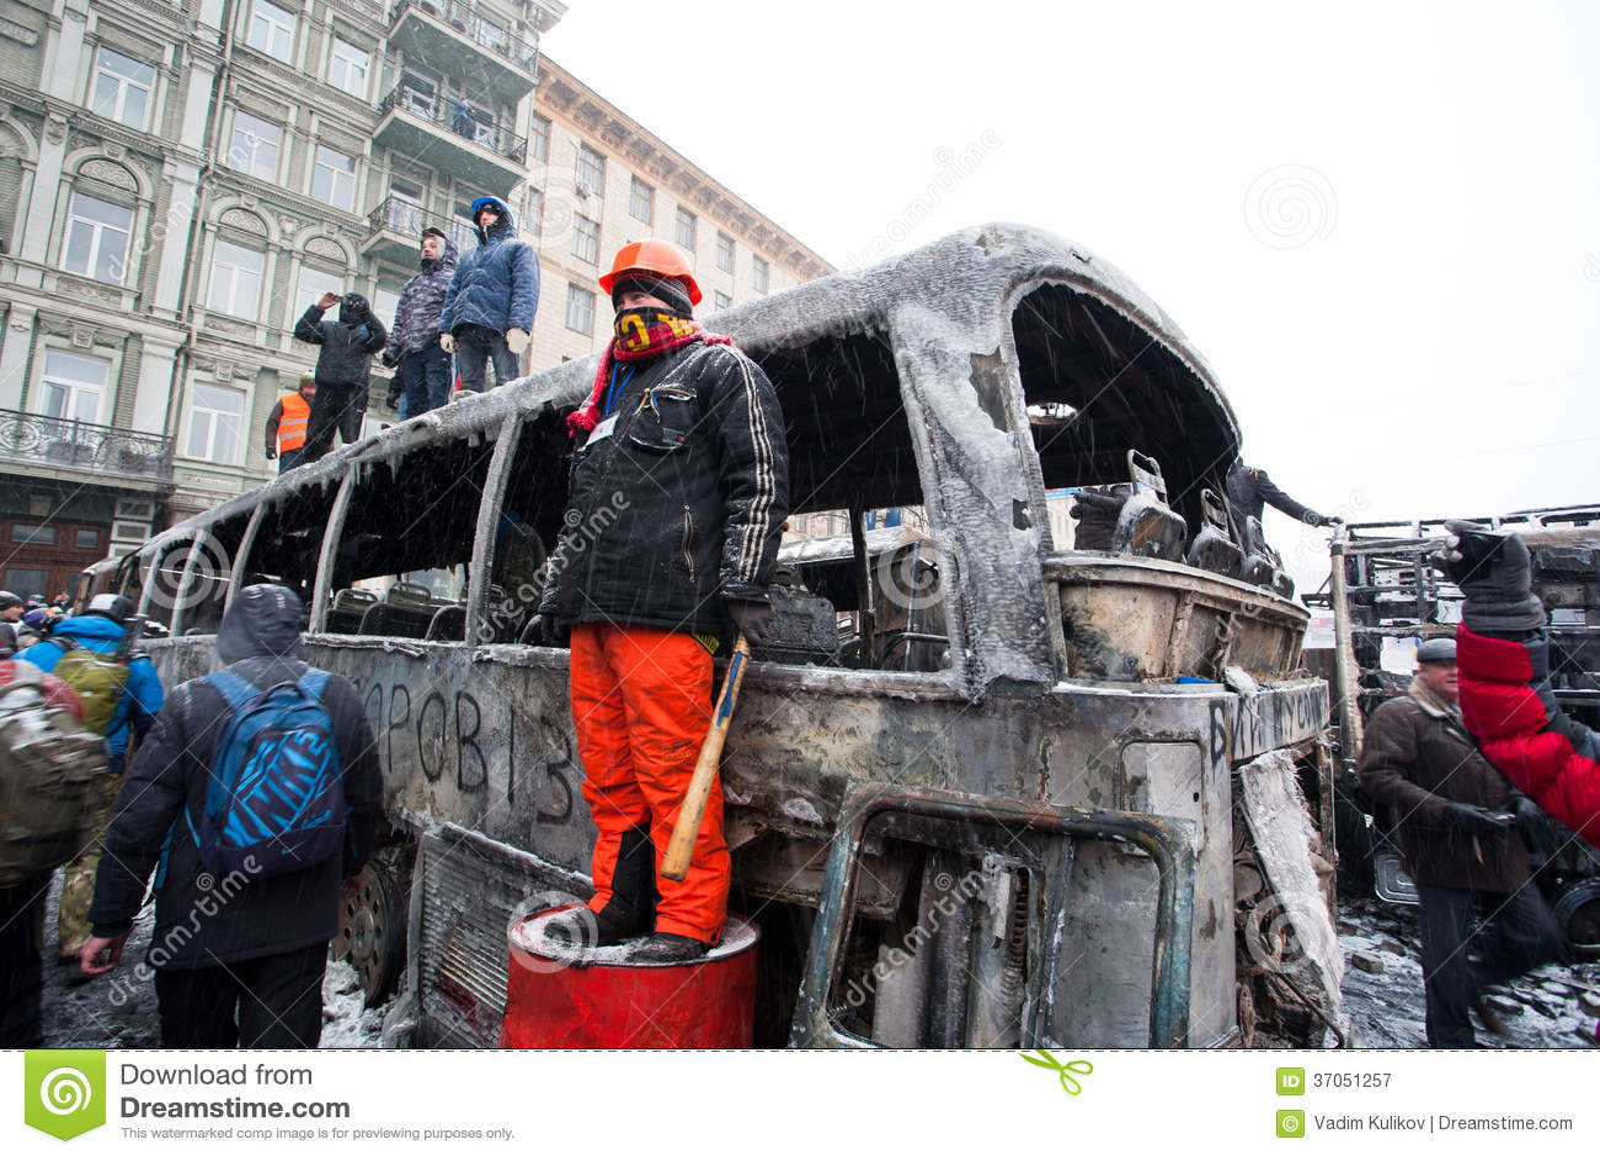 КИЕВ, УКРАИНА: Протестующий с жезлом и шлем смотрят вне, который сгорели улицу около большого сломанного воинского автомобиля